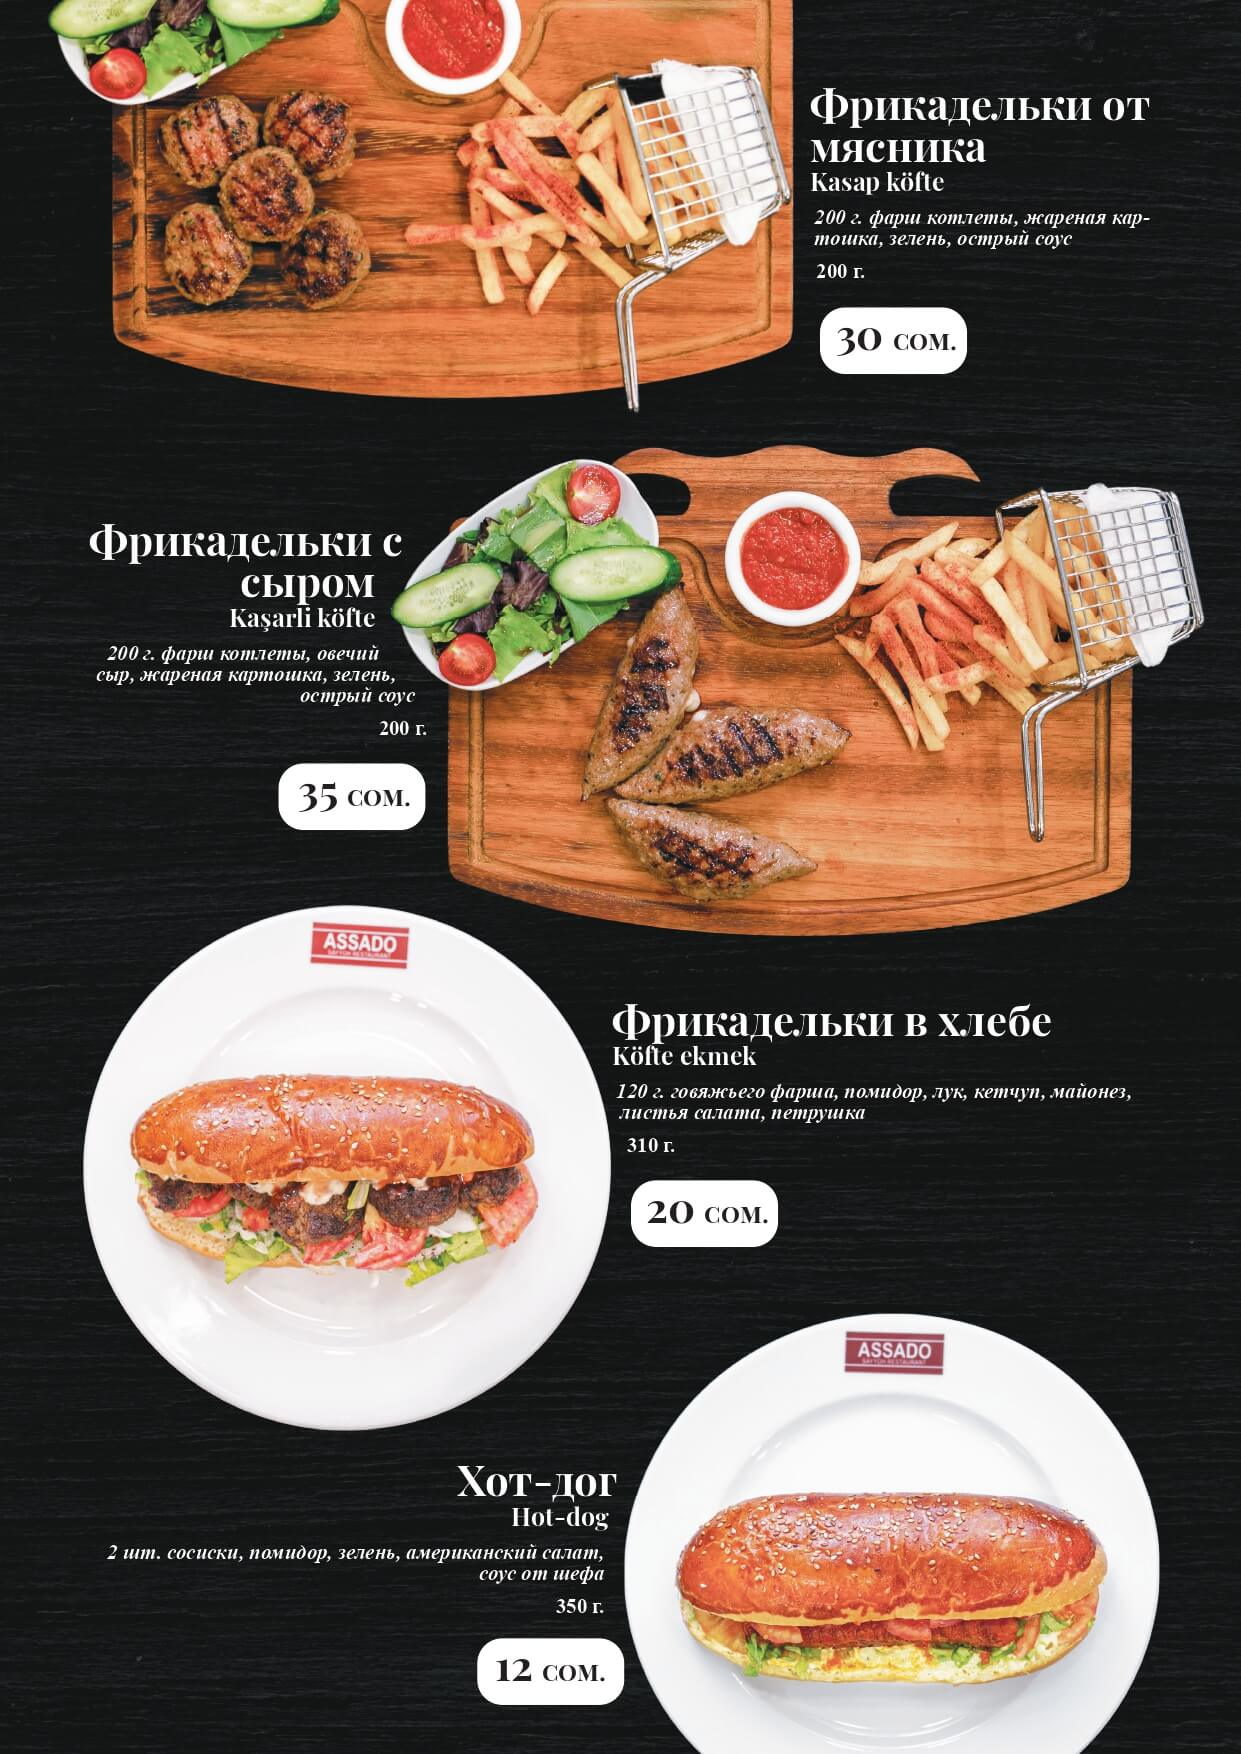 Assado_menu_page-0032